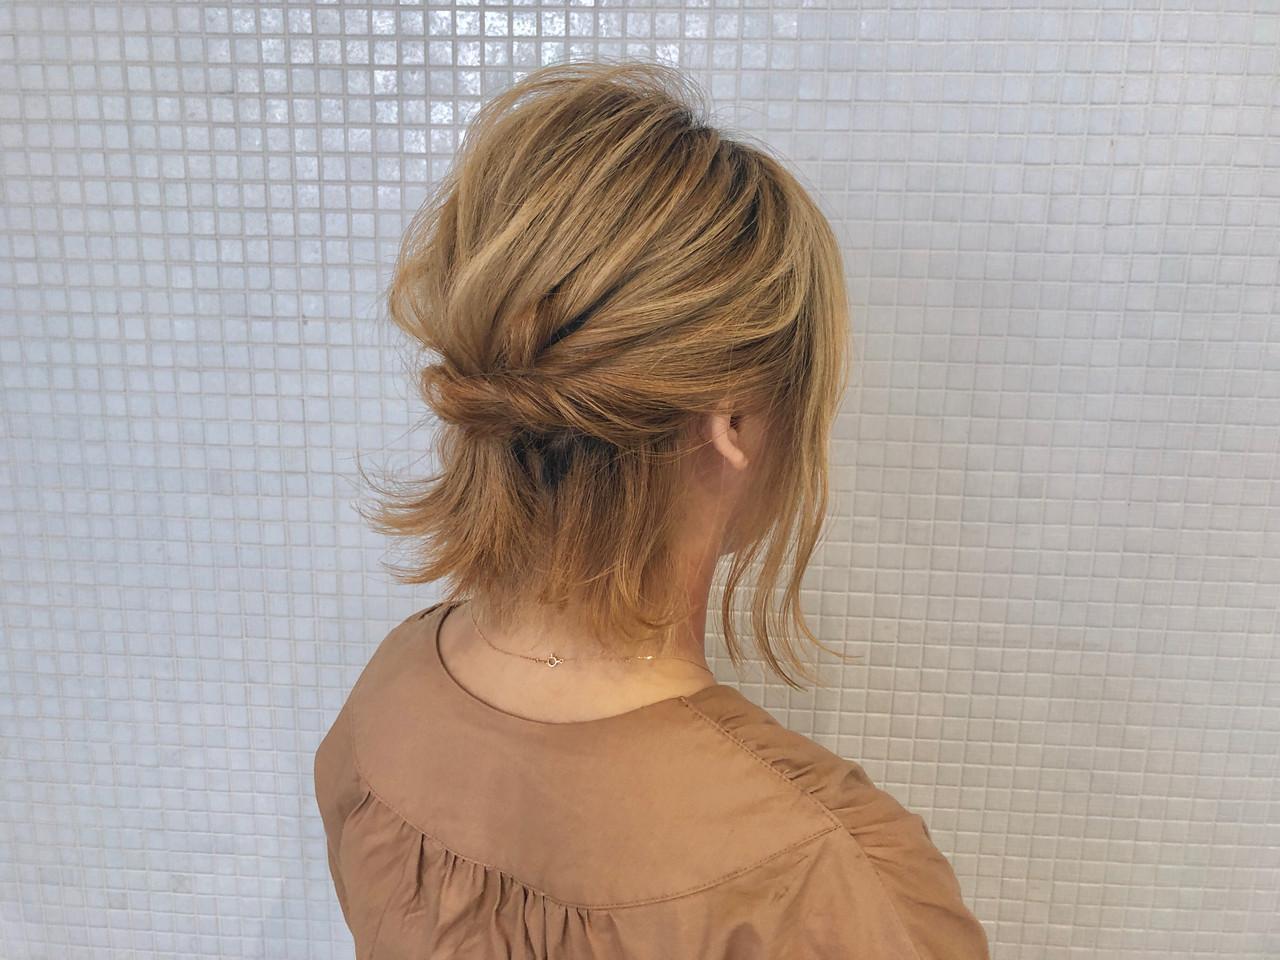 ハーフアップ 浴衣アレンジ 浴衣ヘア 簡単ヘアアレンジ ヘアスタイルや髪型の写真・画像